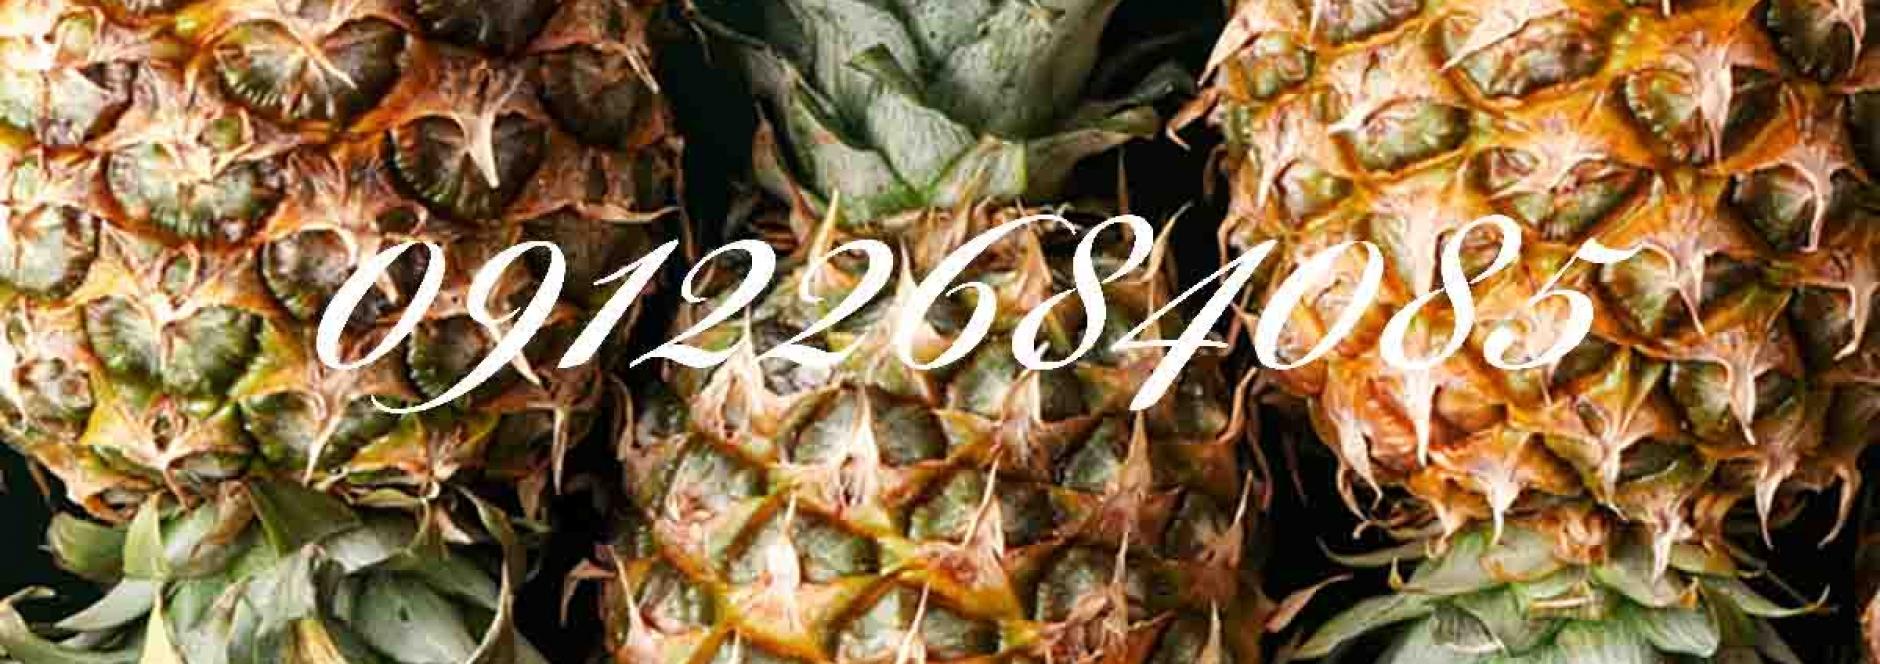 آناناس (نهالستان جلیلی)